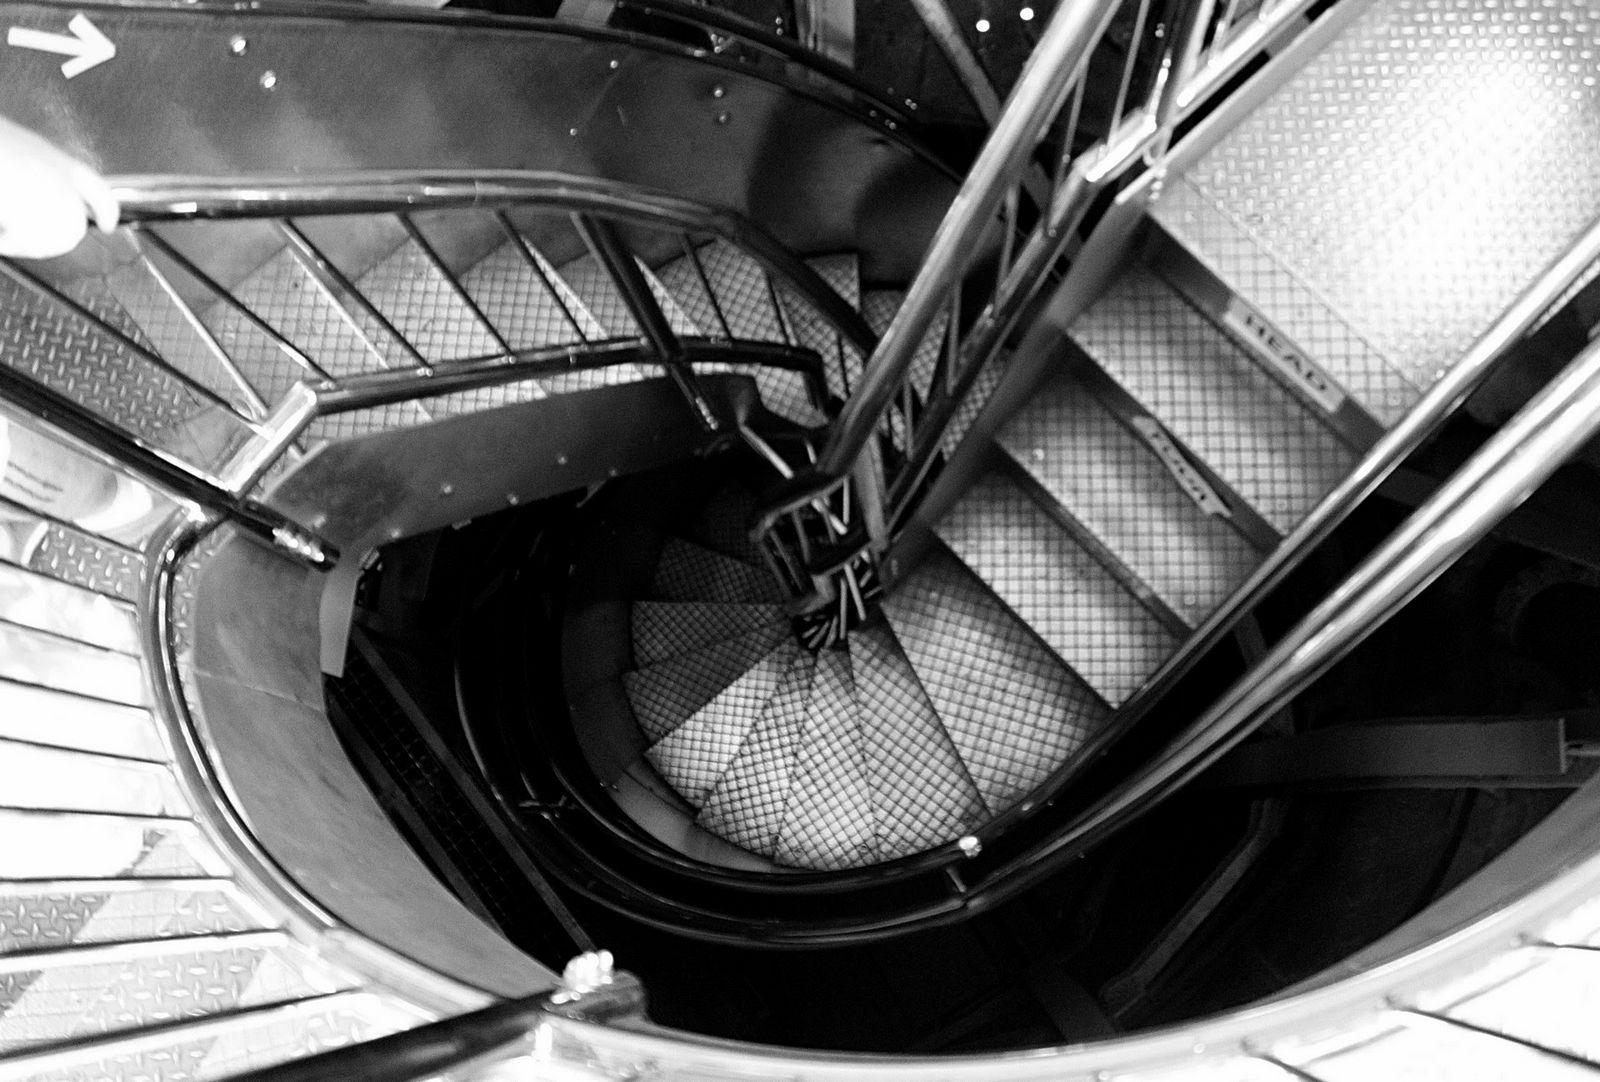 El último tramo de escaleras